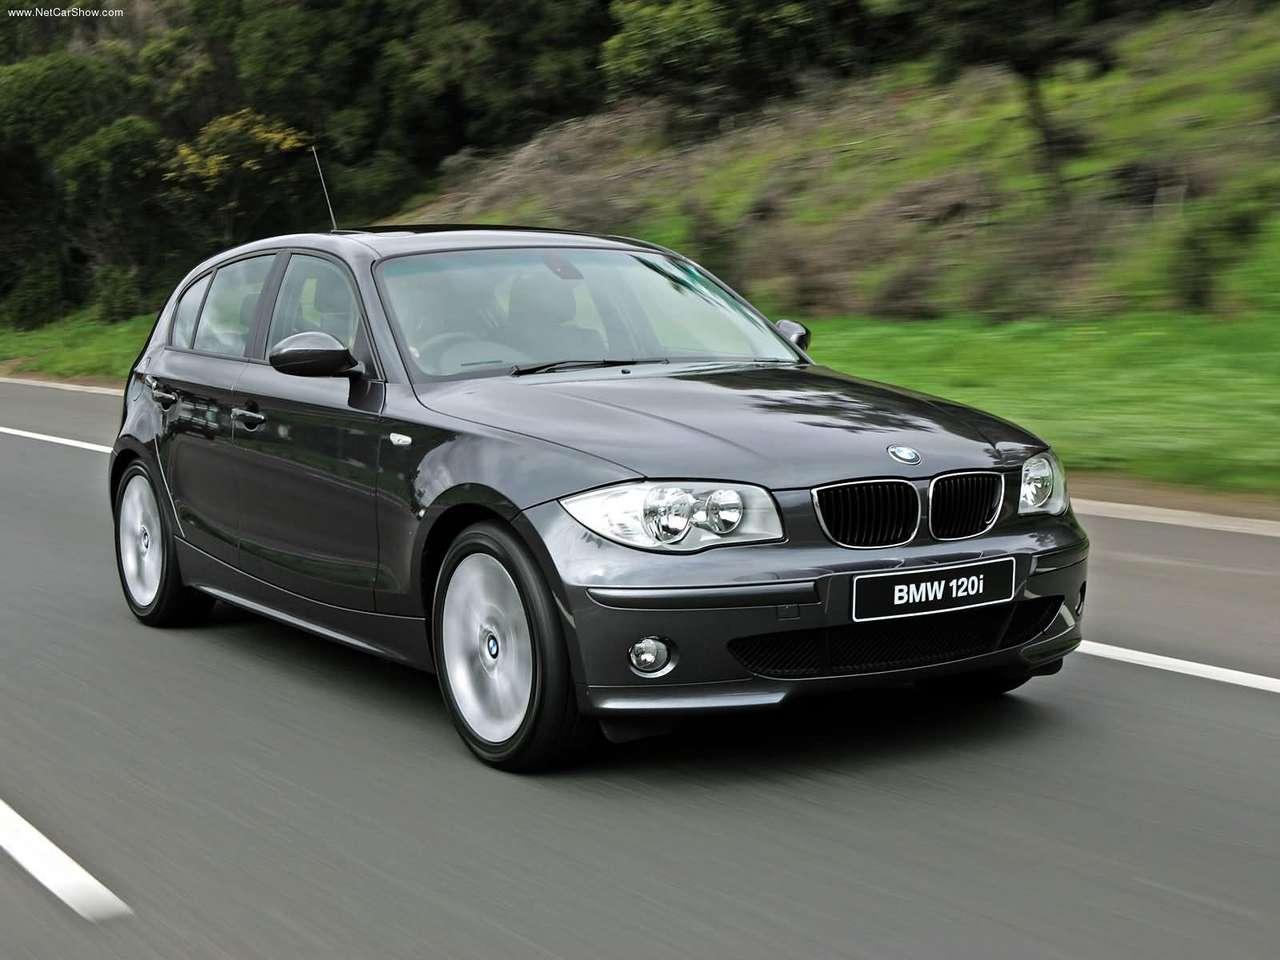 http://3.bp.blogspot.com/_vPMjJG-enrk/TAqNKEL-gkI/AAAAAAAACqs/35OfBCms344/s1600/BMW-120i_UK_Version_2005_1280x960_wallpaper_04.jpg